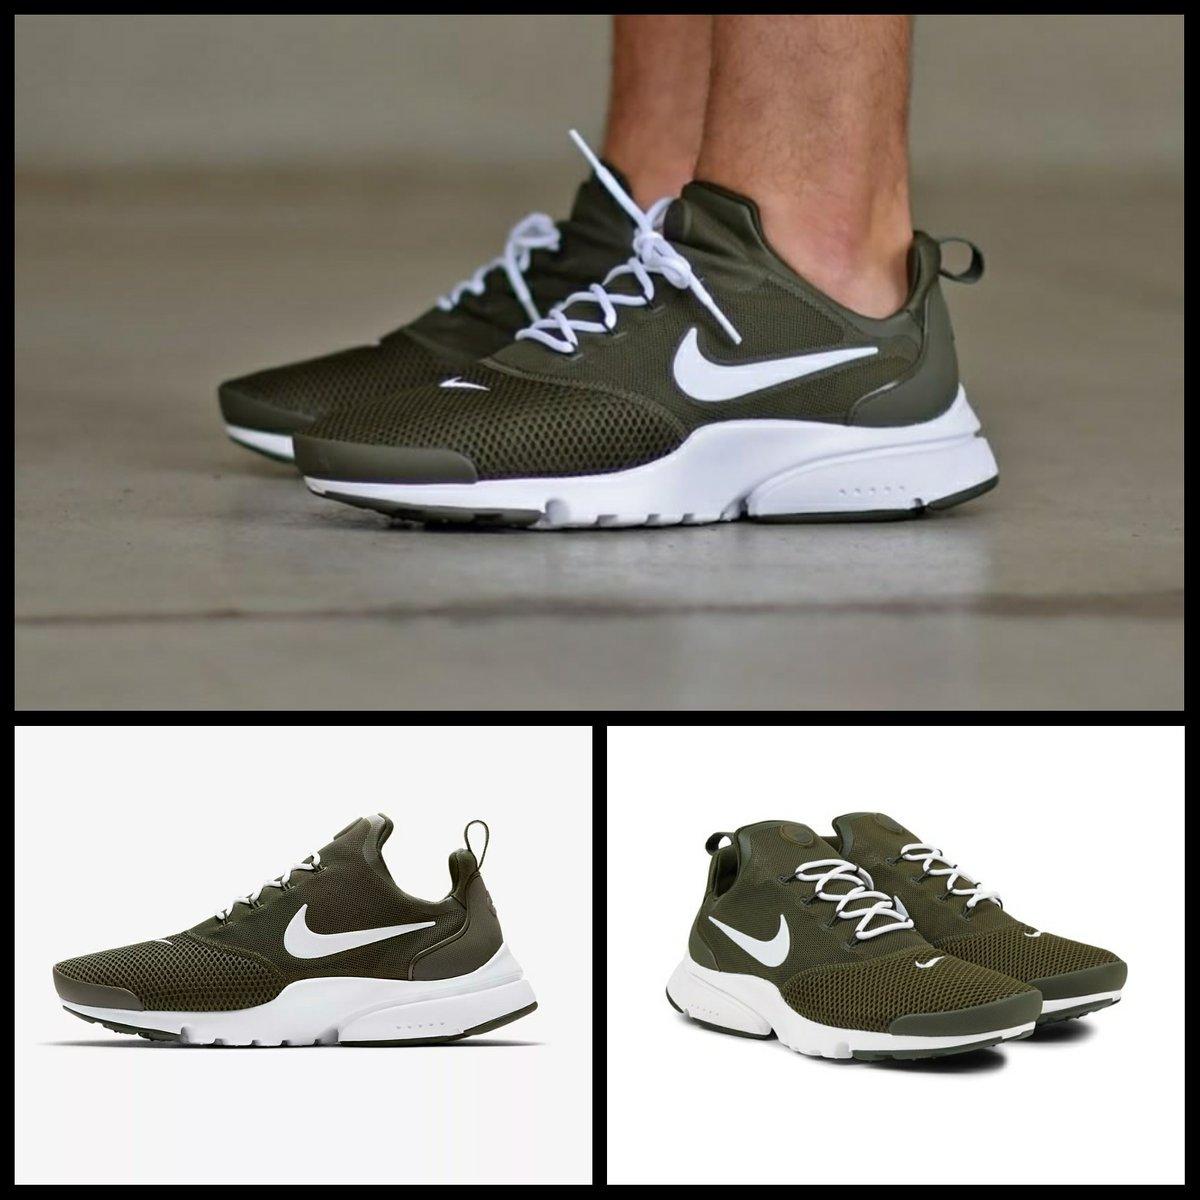 Nike Presto Fly Sneakers (Cargo Khaki and White) Fashion for Men